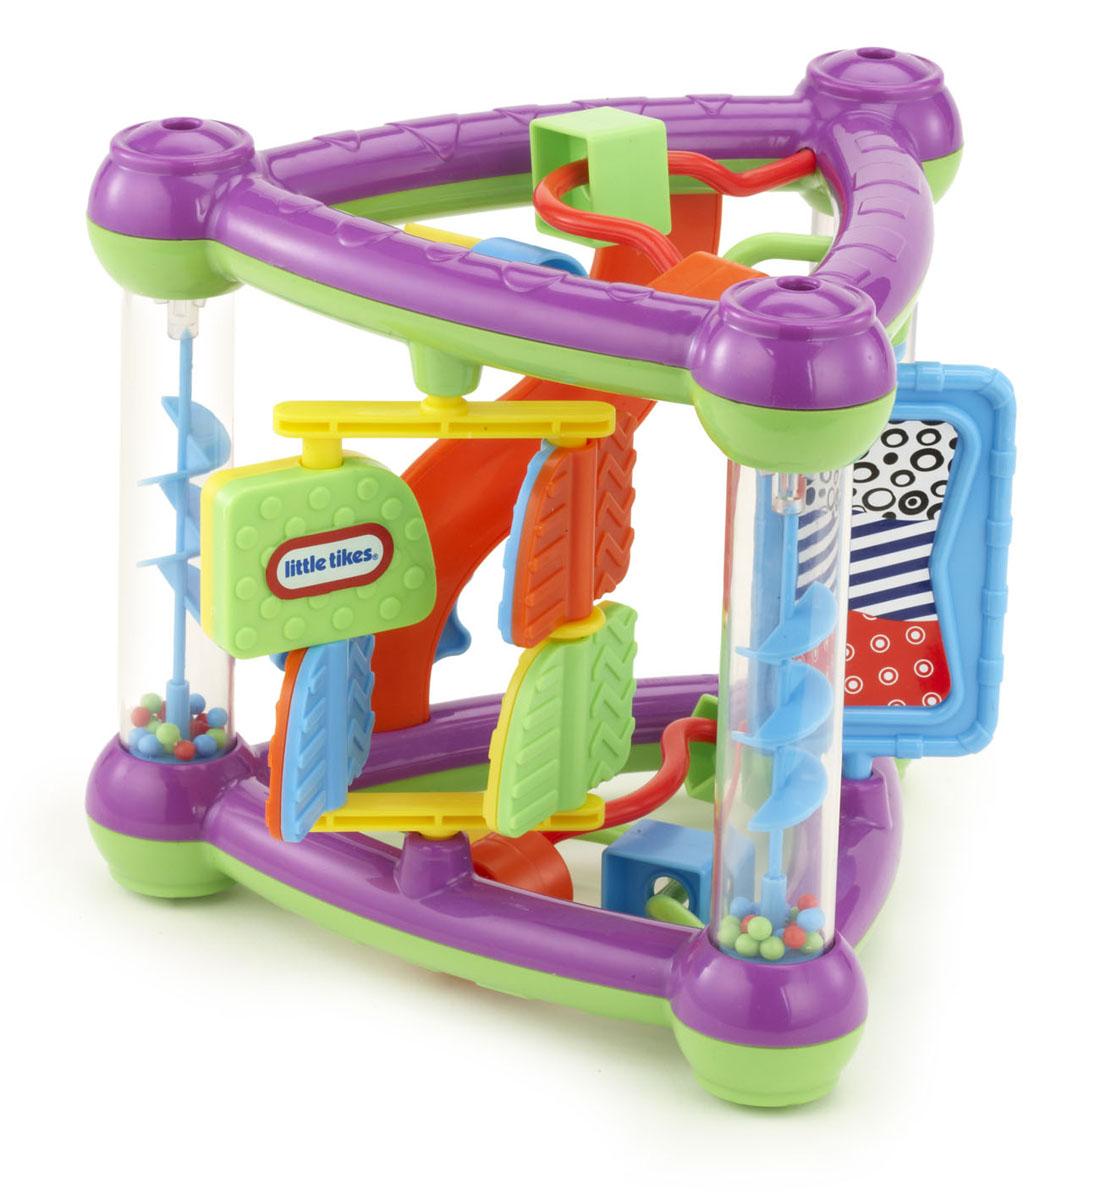 Развивающая игрушка Little Tikes Треугольник635052Яркая развивающая игрушка Little Tikes Треугольник привлечет внимание вашего ребенка и подарит ему массу положительных эмоций! Она выполнена из прочного пластика насыщенных цветов и содержит множество элементов. По углам игрушки расположены прозрачные столбики. Внутри них находятся спиральки и мелкие разноцветные шарики. Если треугольник перевернуть, то шарики задорно гремя посыплются вниз, приводя в движение спиральки. На одной стороне игрушки расположена вращающаяся рамка с четырьмя двухцветными вертушками. Малышу понравится крутить вертушки отдельно или всю рамку. Поверхность вертушек рельефная, что поспособствует развитию тактильных ощущений и мелкой моторики пальчиков малыша. На другой стороне по дорожке вверх-вниз передвигается шестеренка. На третьей стороне находится вращающийся прямоугольник. На одной из его сторон расположено безопасное зеркальце. На двух других сторонах находятся дуги с нанизанными на них элементами в виде геометрических фигур. Малыш с...